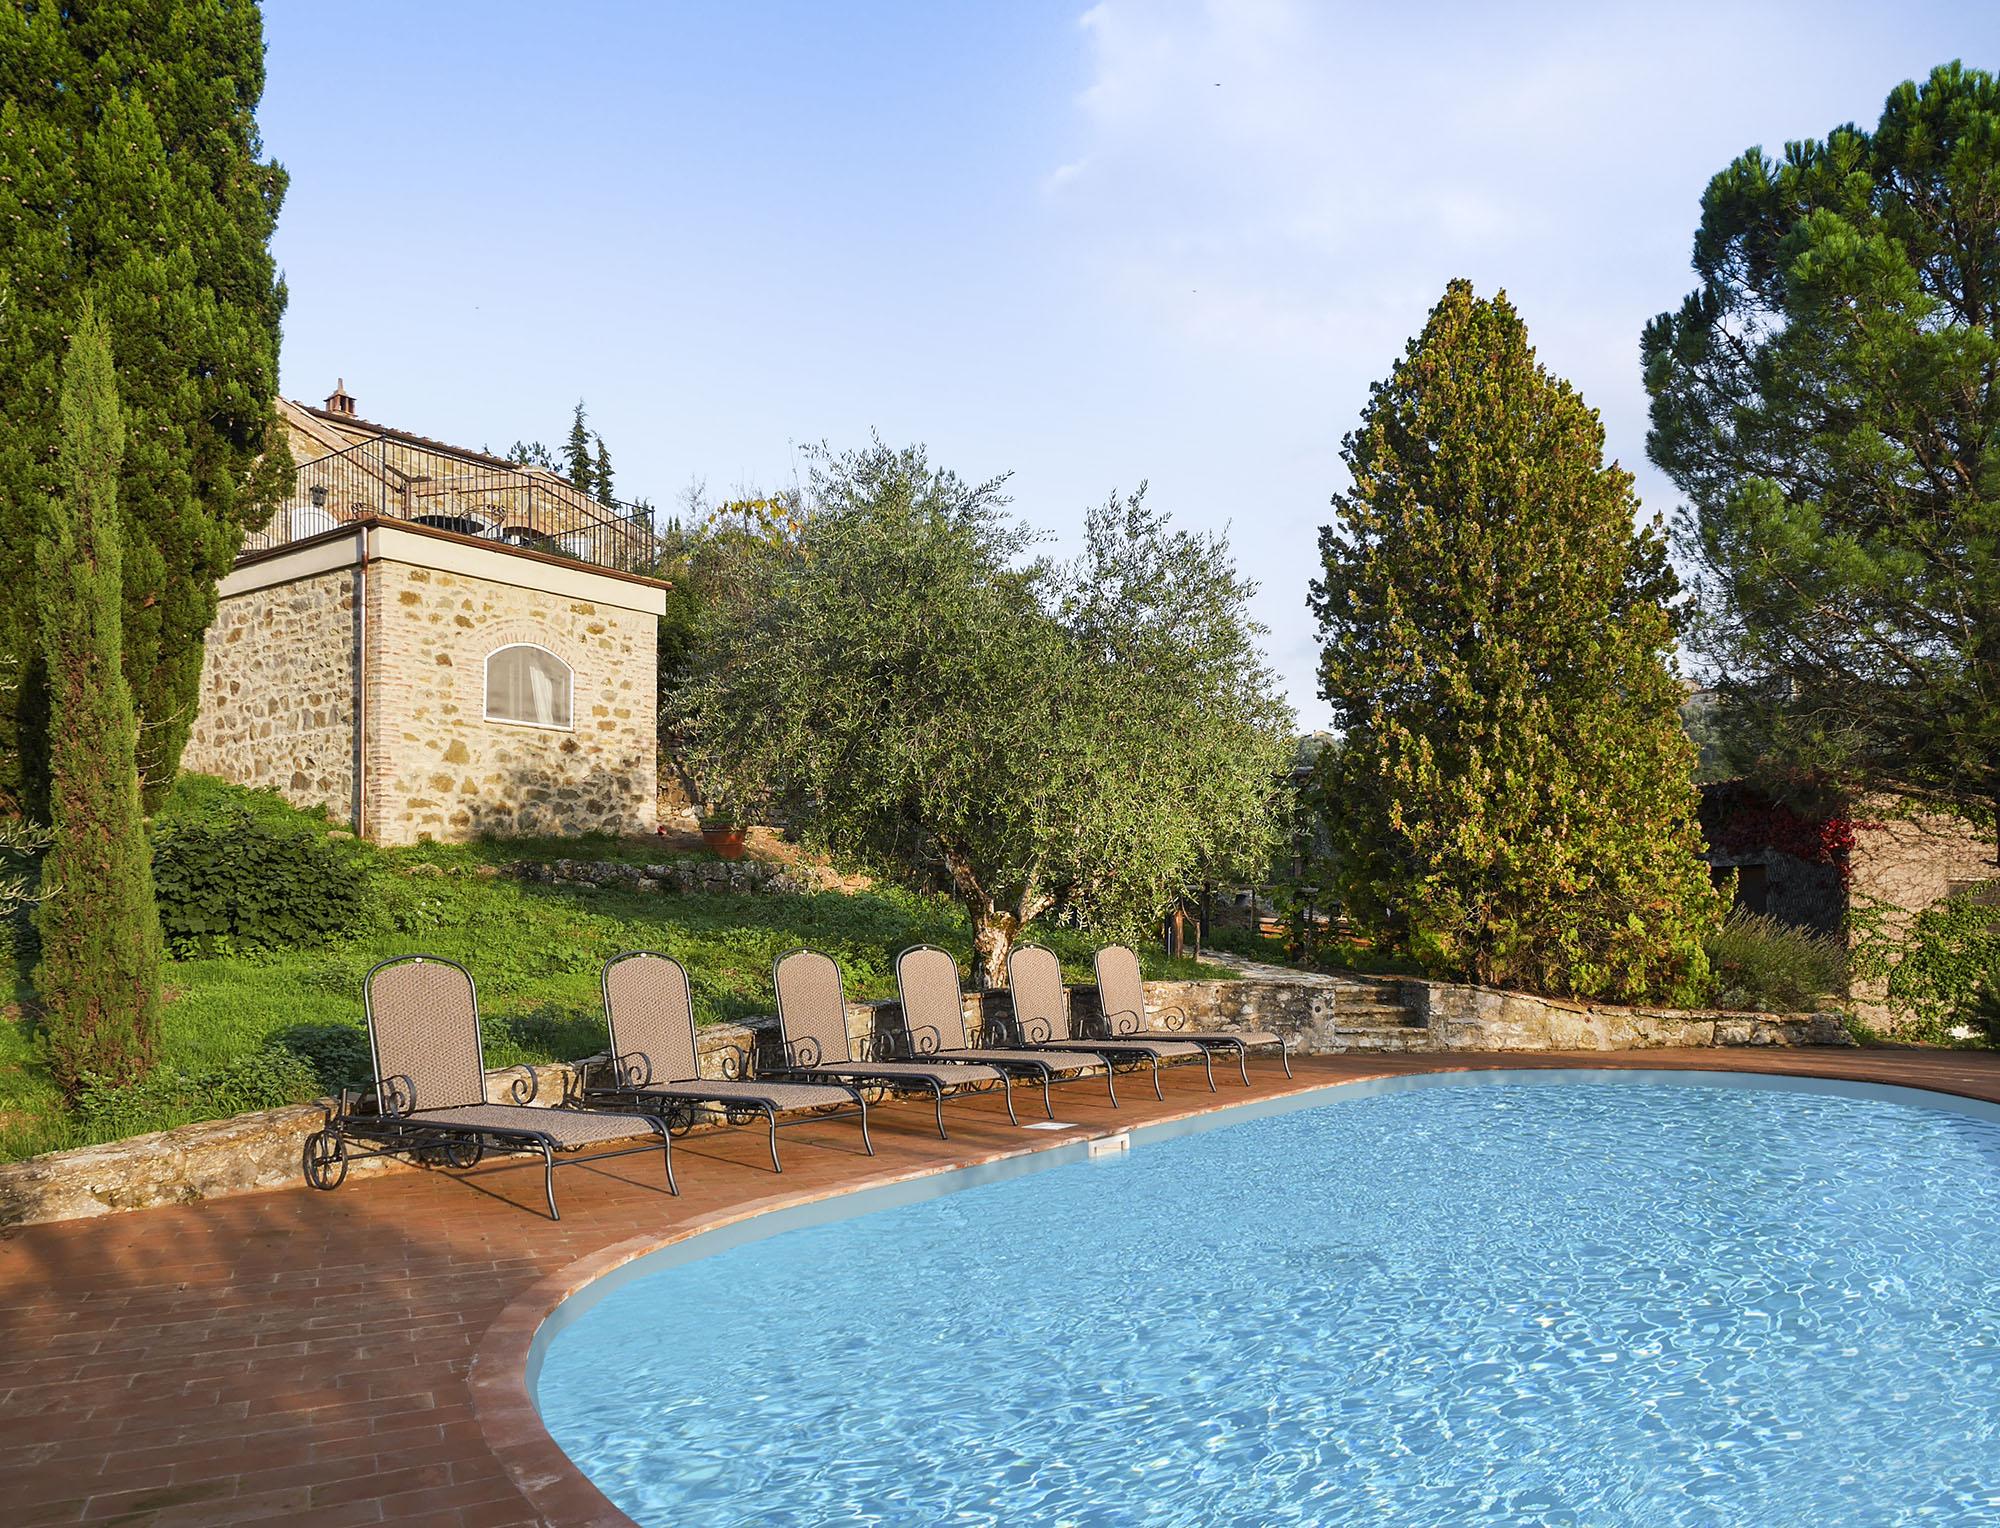 The tuscany project Рarlene gibbs d̩cor